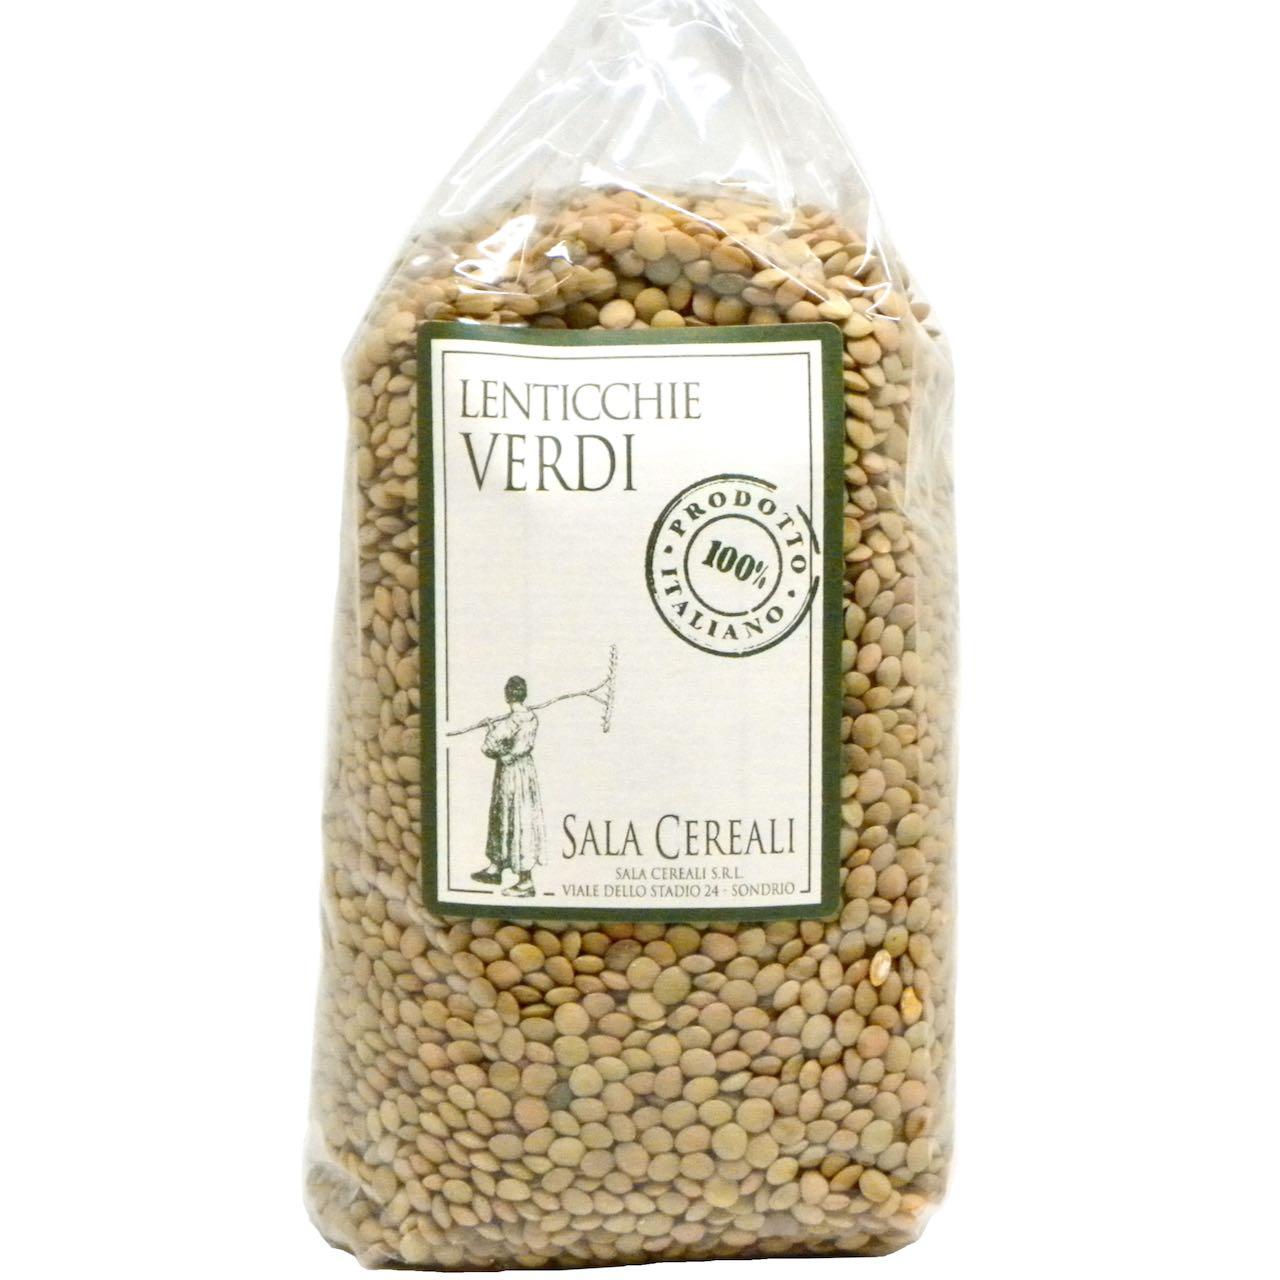 lenticchie verdi Sala Cereali – Gustorotondo – buono sano artigiano